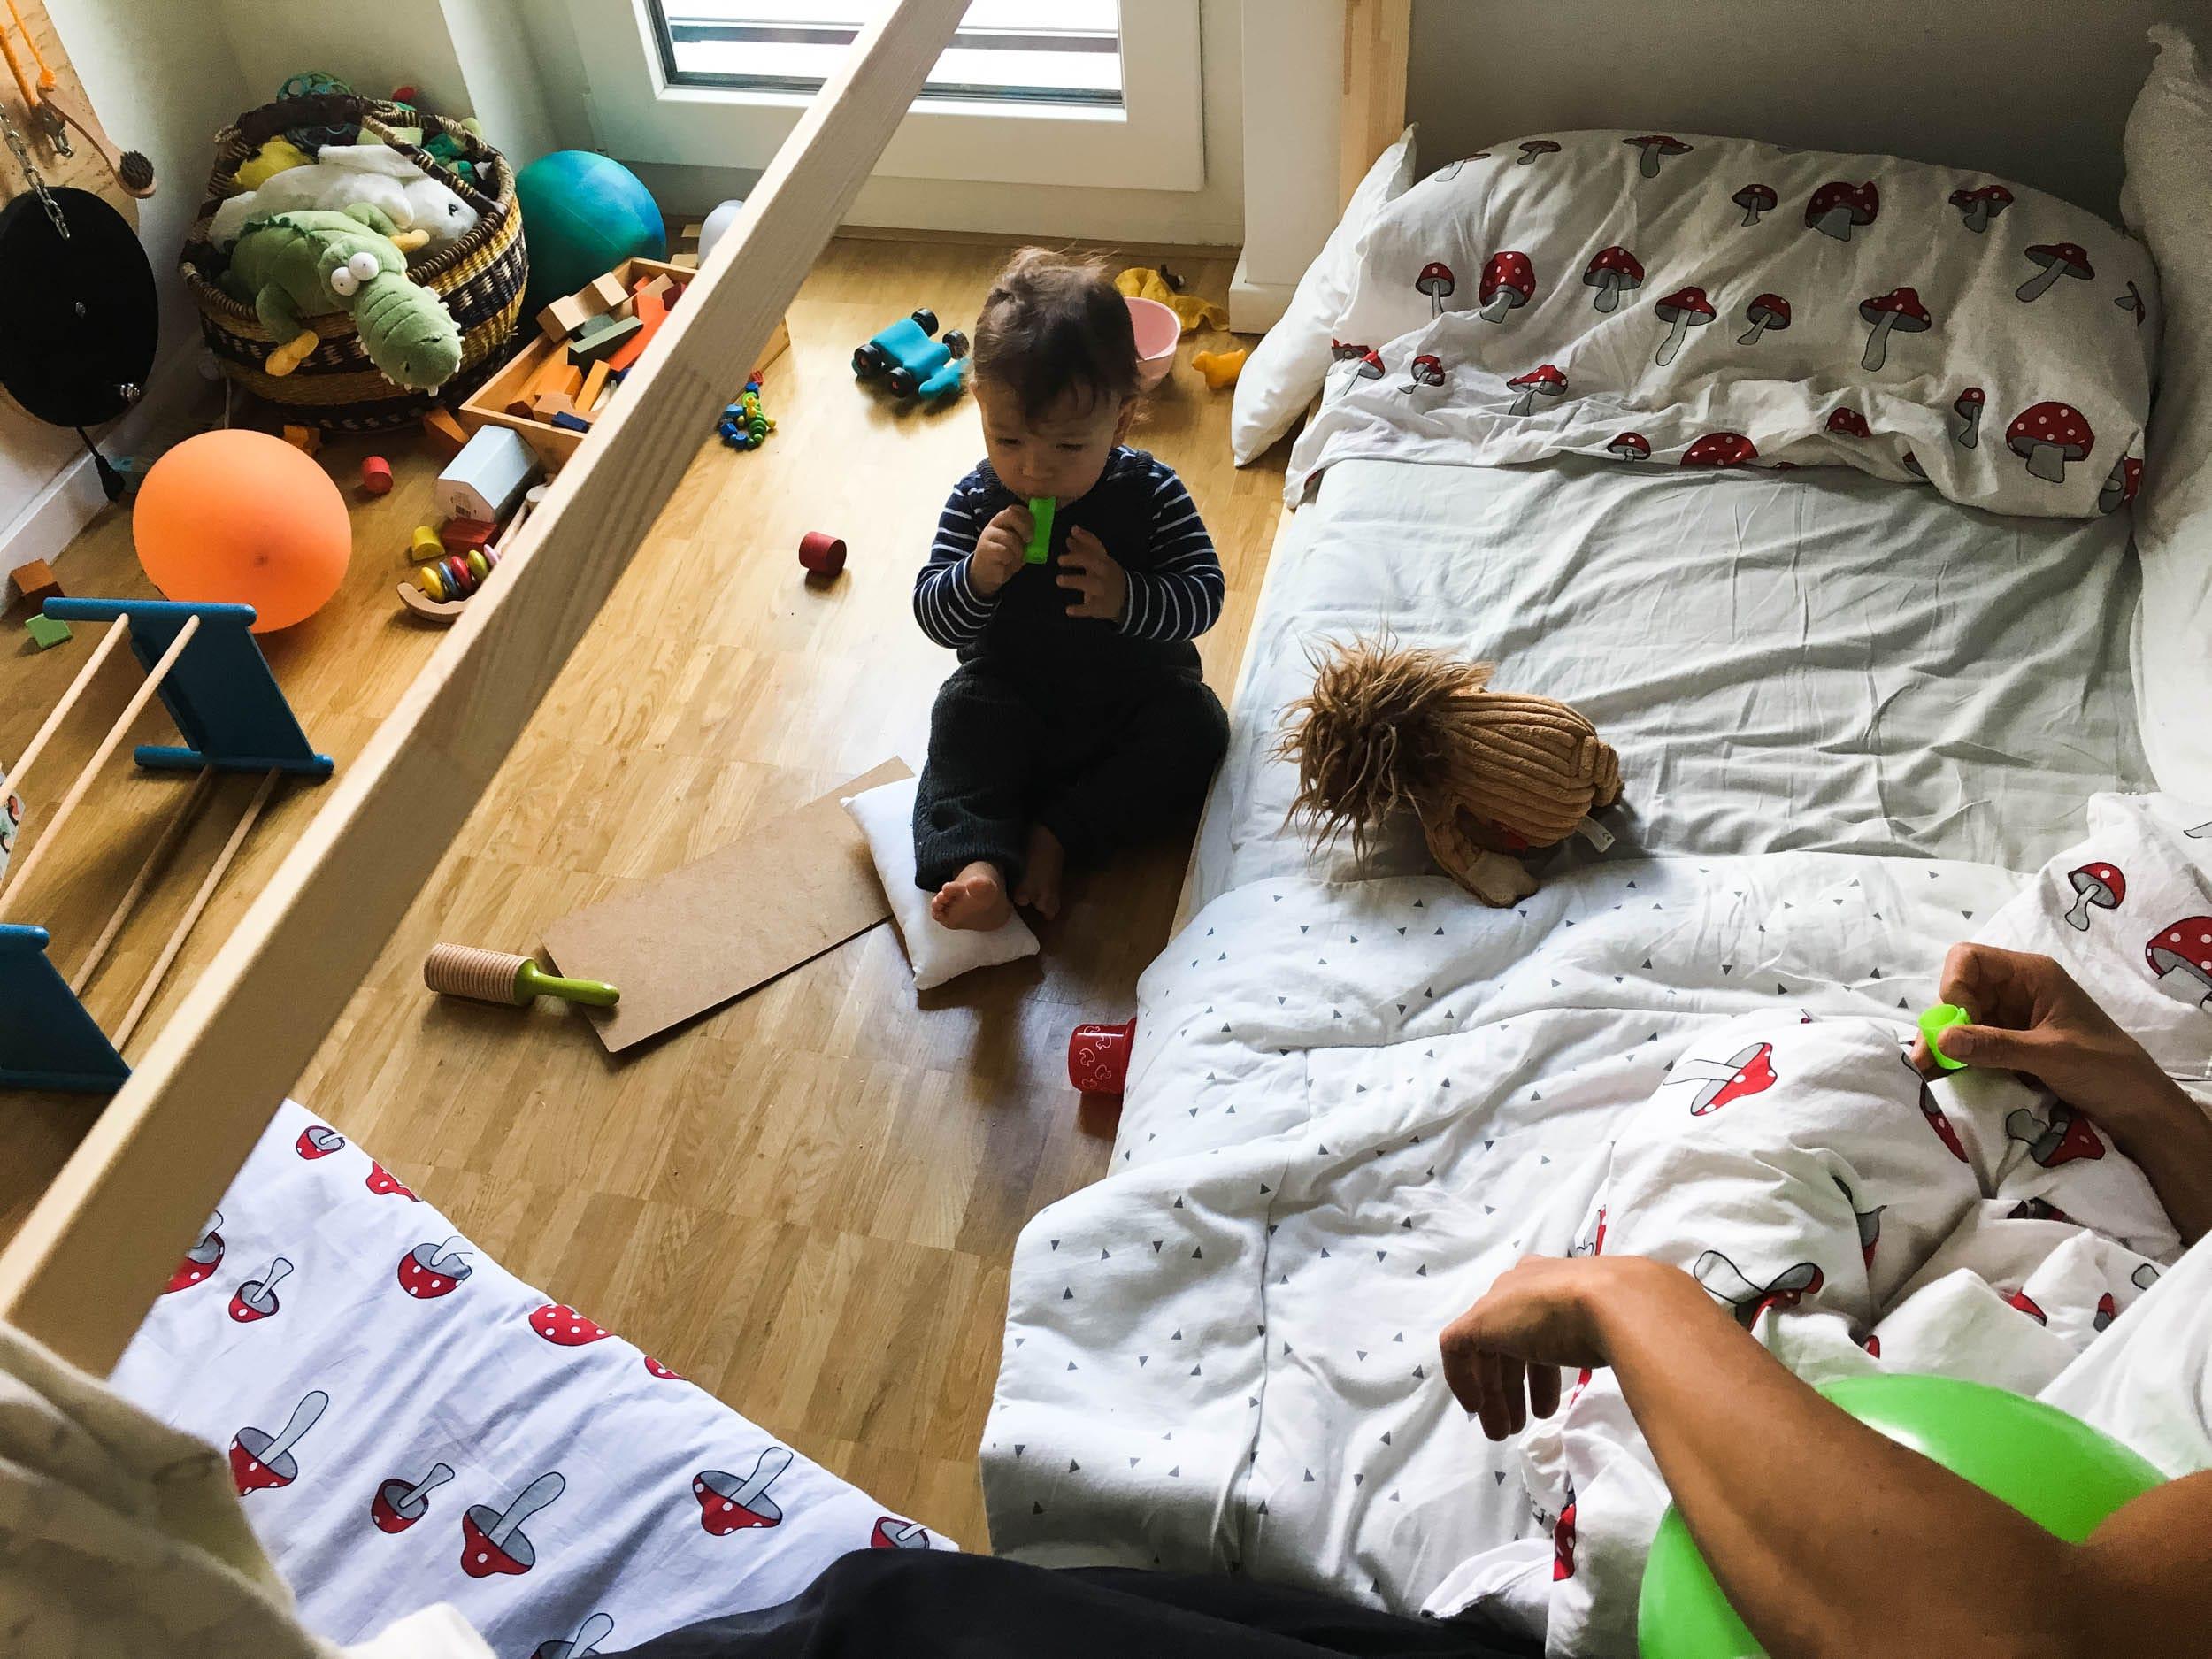 Wochenende in Bildern | Leben mit Kind | Alltag | Spielzimmer | Kinderzimmer | ivy.li